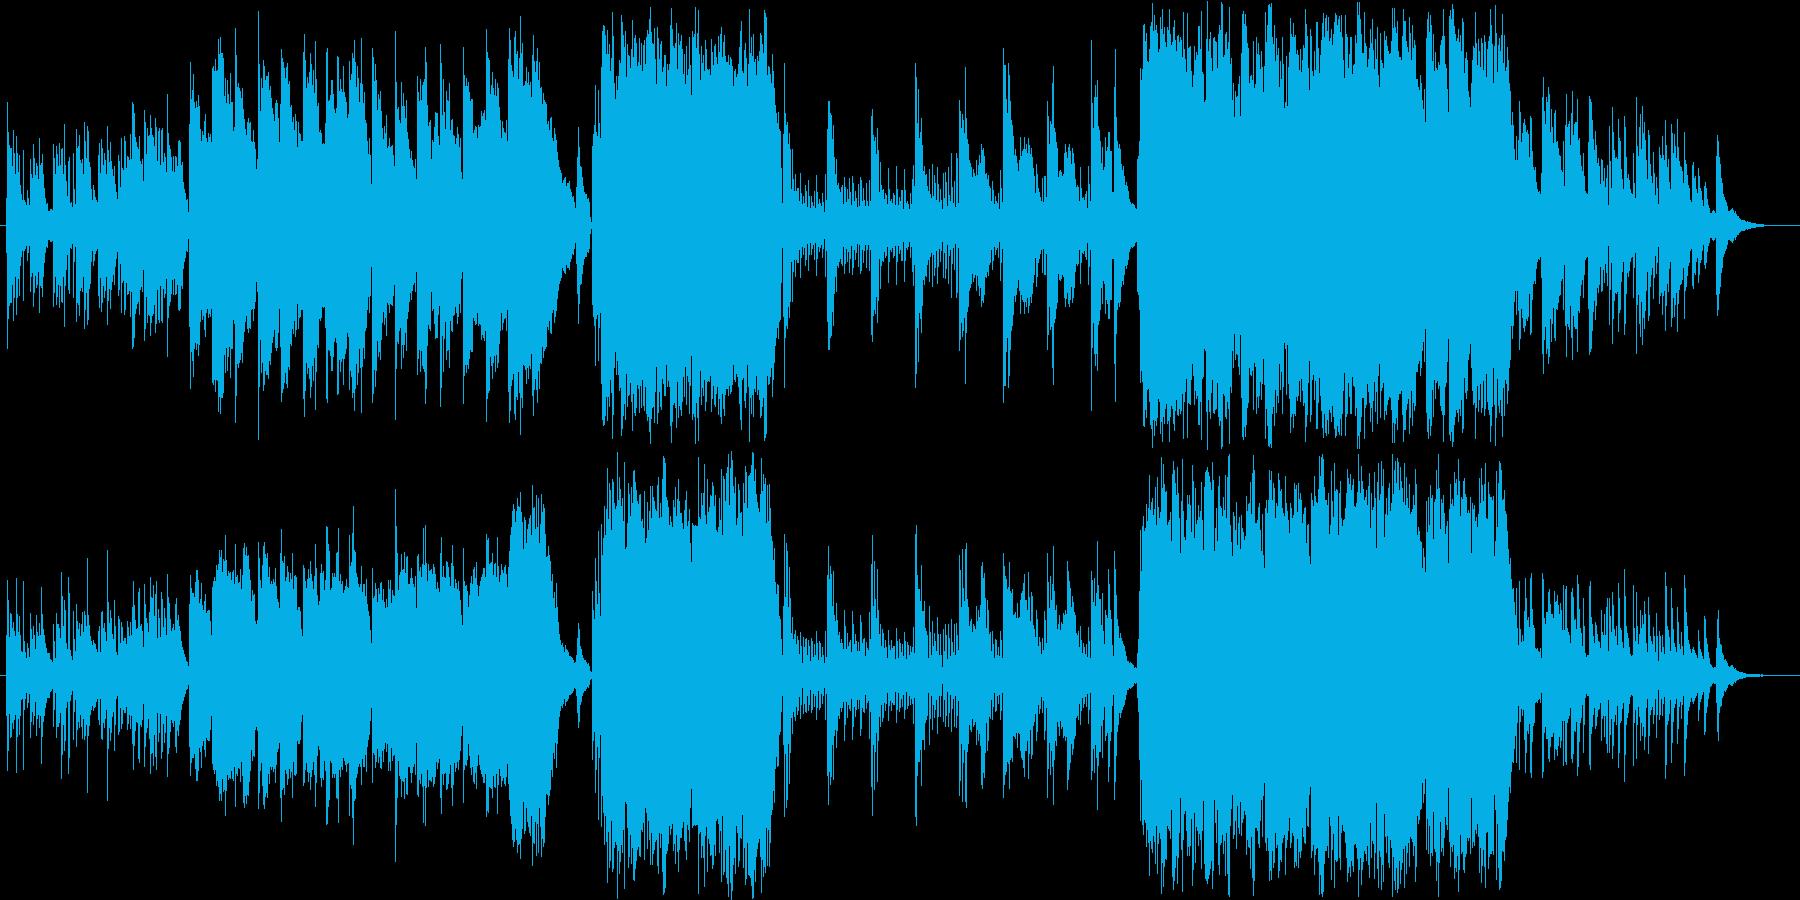 ジブリっぽい森をイメージしたオケ作品の再生済みの波形